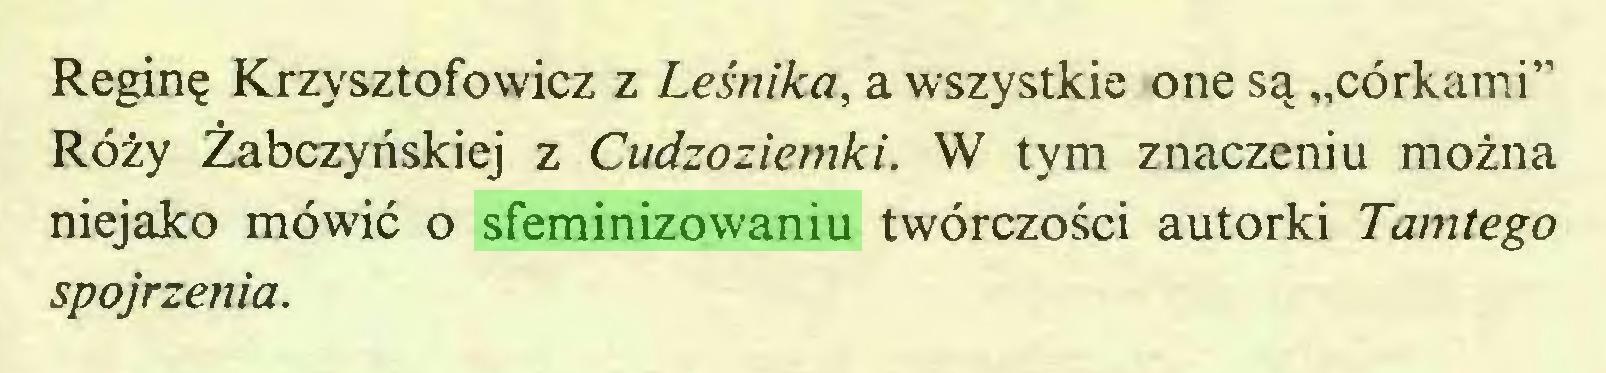 """(...) Reginę Krzysztofowicz z Leśnika, a wszystkie one są """"córkami"""" Róży Żabczyńskiej z Cudzoziemki. W tym znaczeniu można niejako mówić o sfeminizowaniu twórczości autorki Tamtego spojrzenia..."""